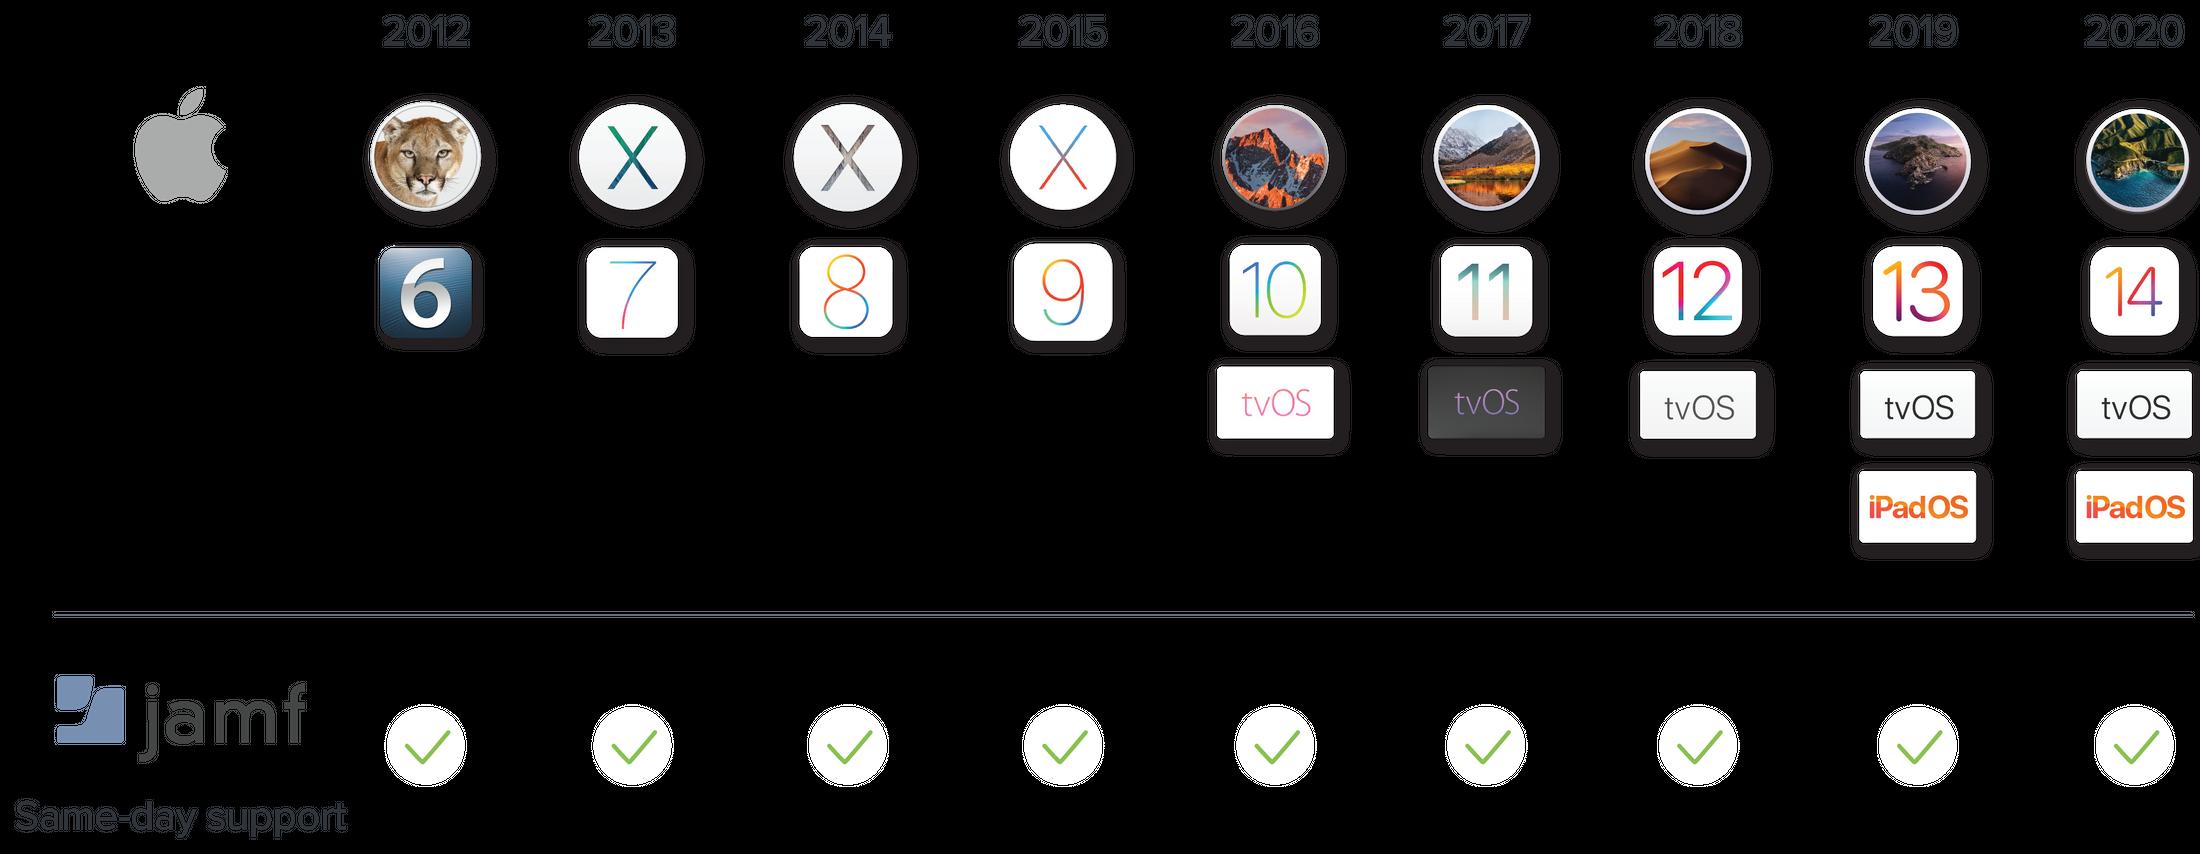 OS upgrade timeline.